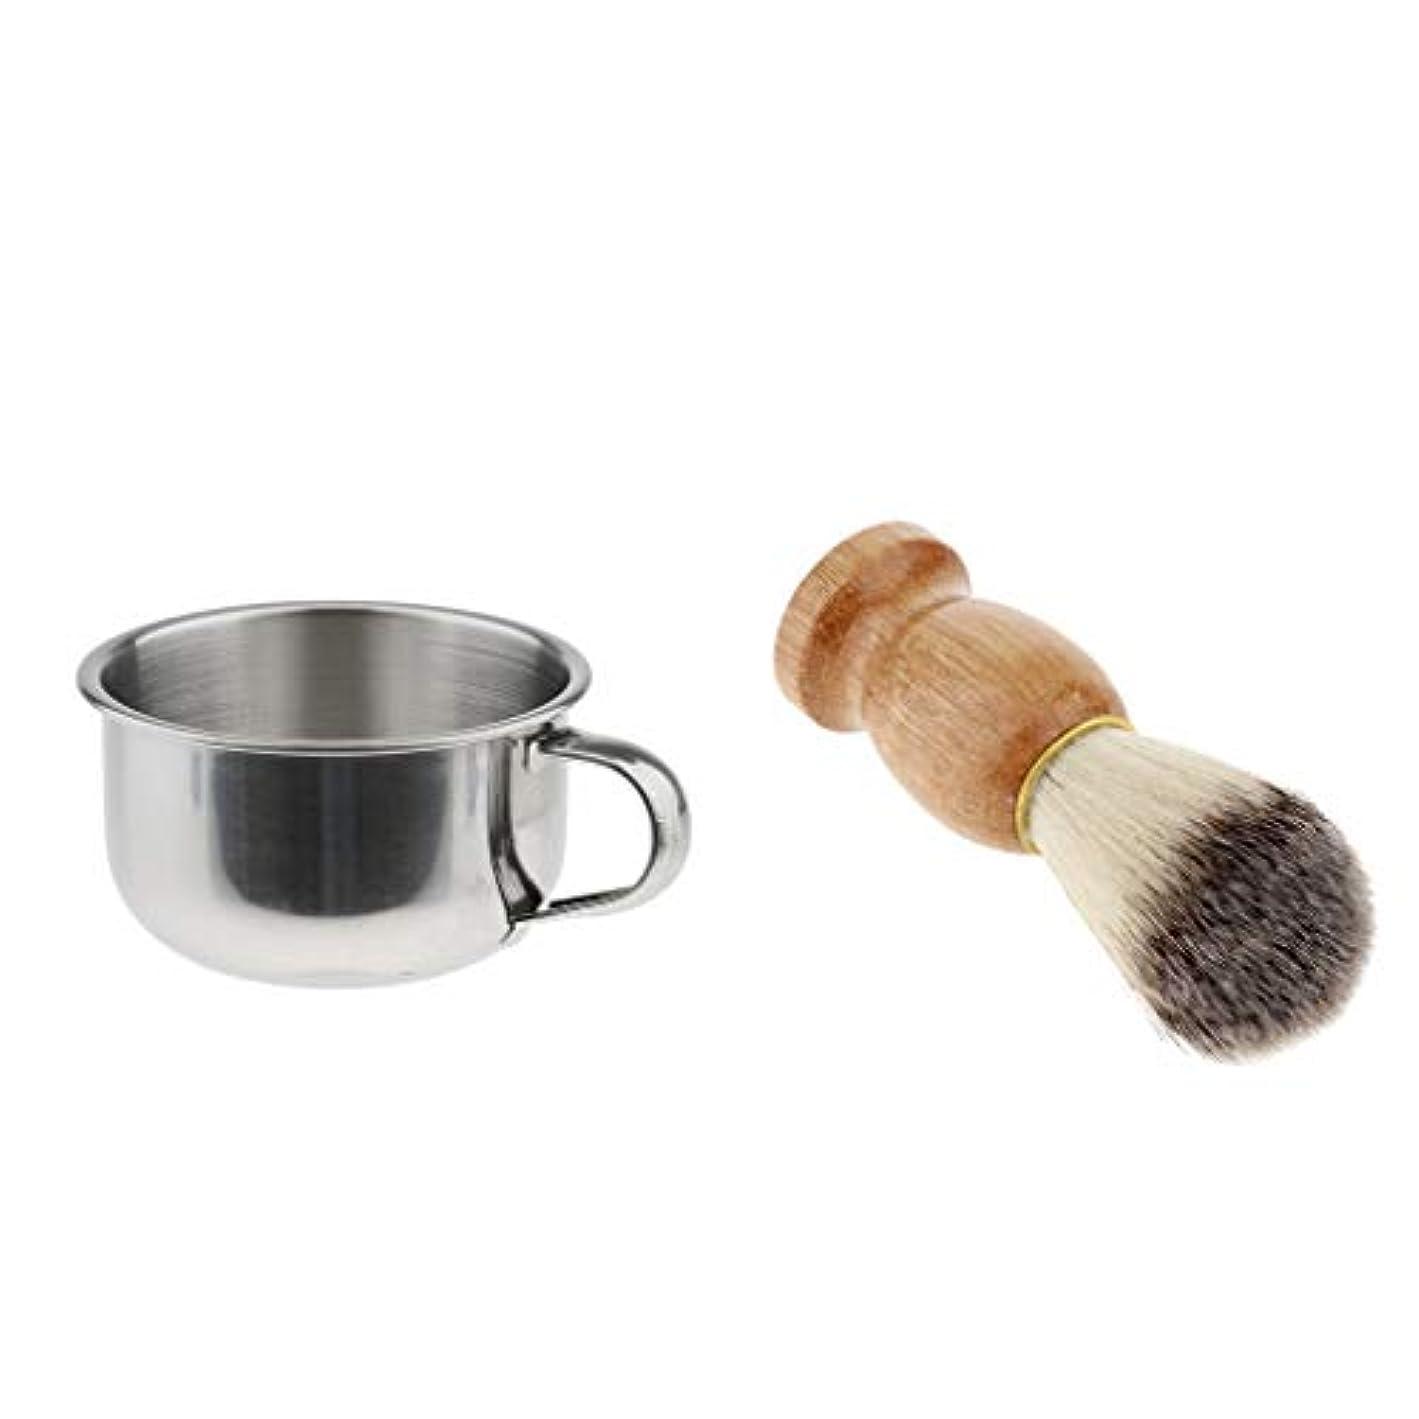 余暇救い流行sharprepublic シェービングブラシ 理容 洗顔 髭剃り メンズ 石鹸ボウル シェービングマグ 髭剃り